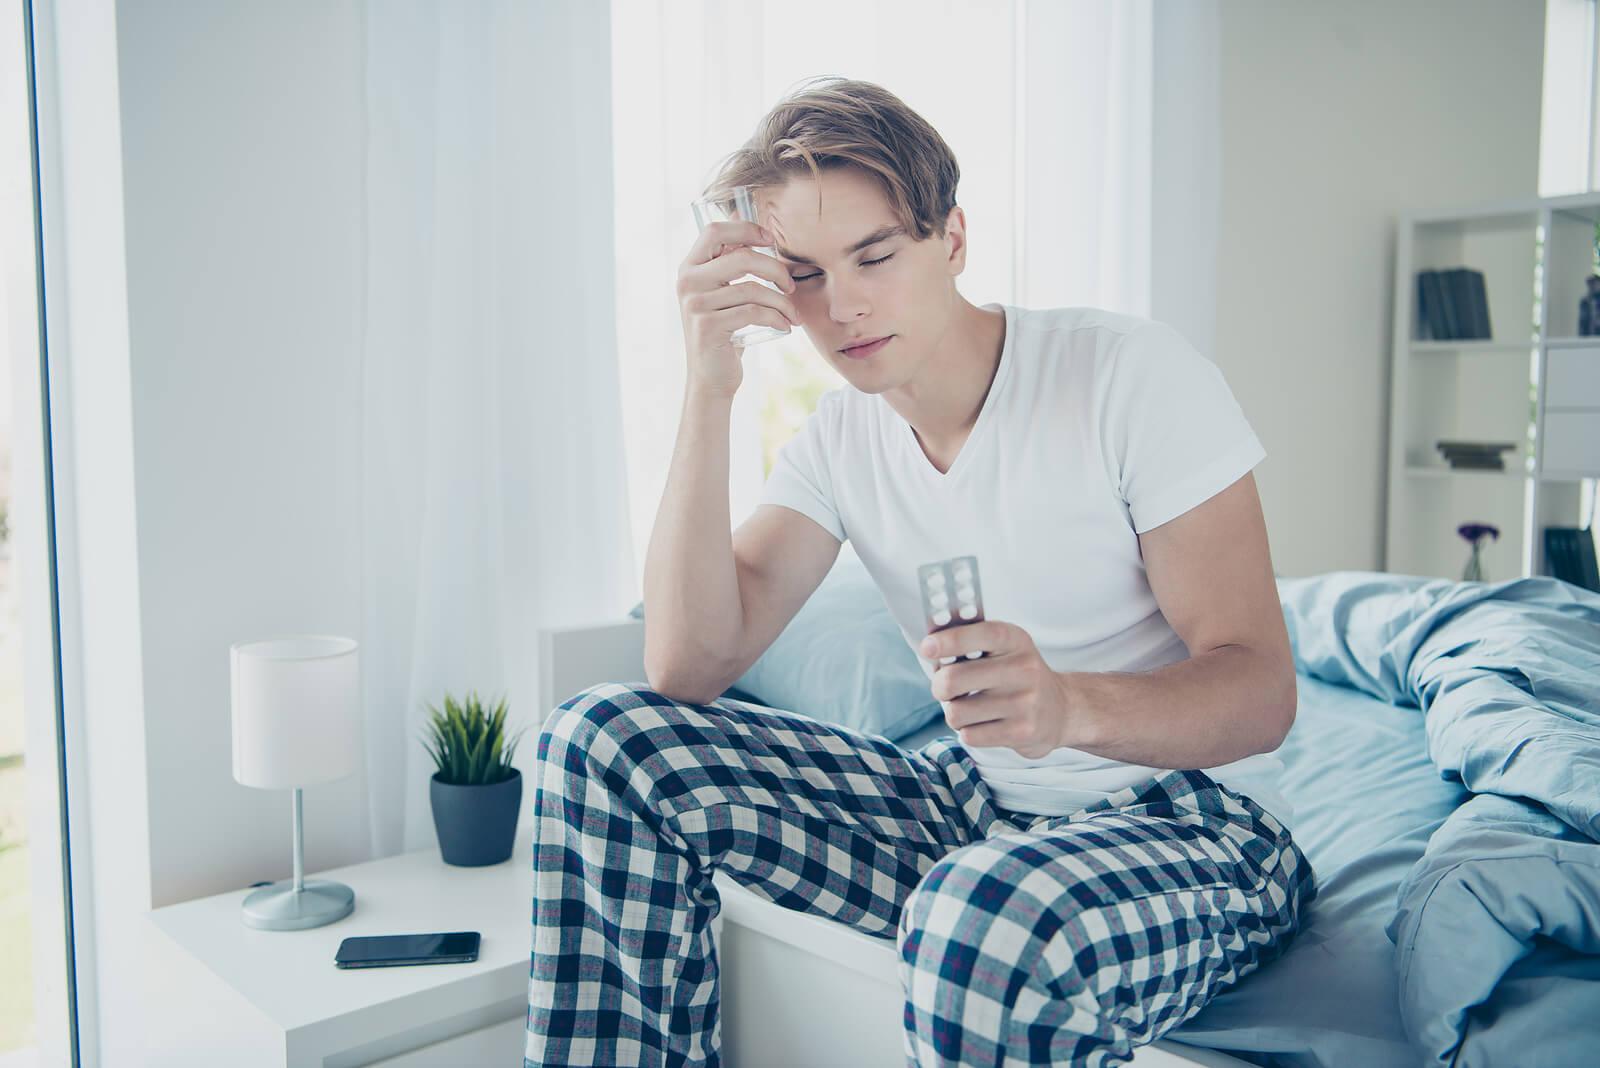 Tratar el dolor de cabeza sin medicamentos